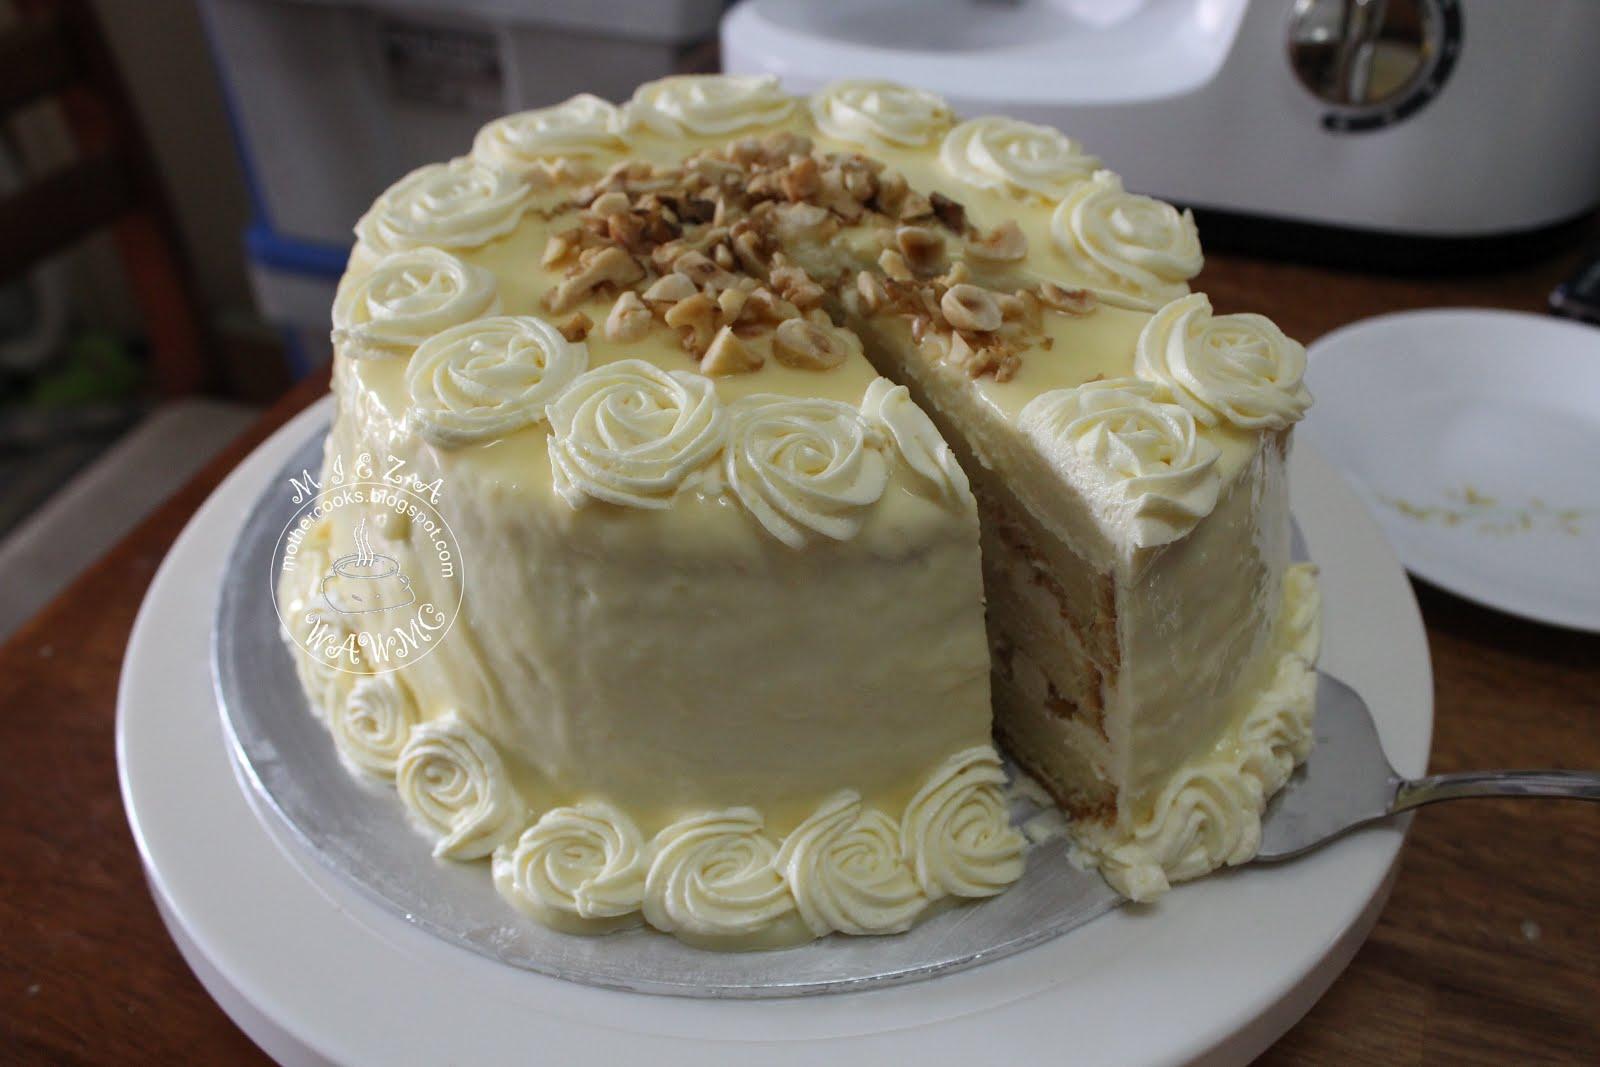 The Scarlet Apron White Chocolate Hazelnut Cake